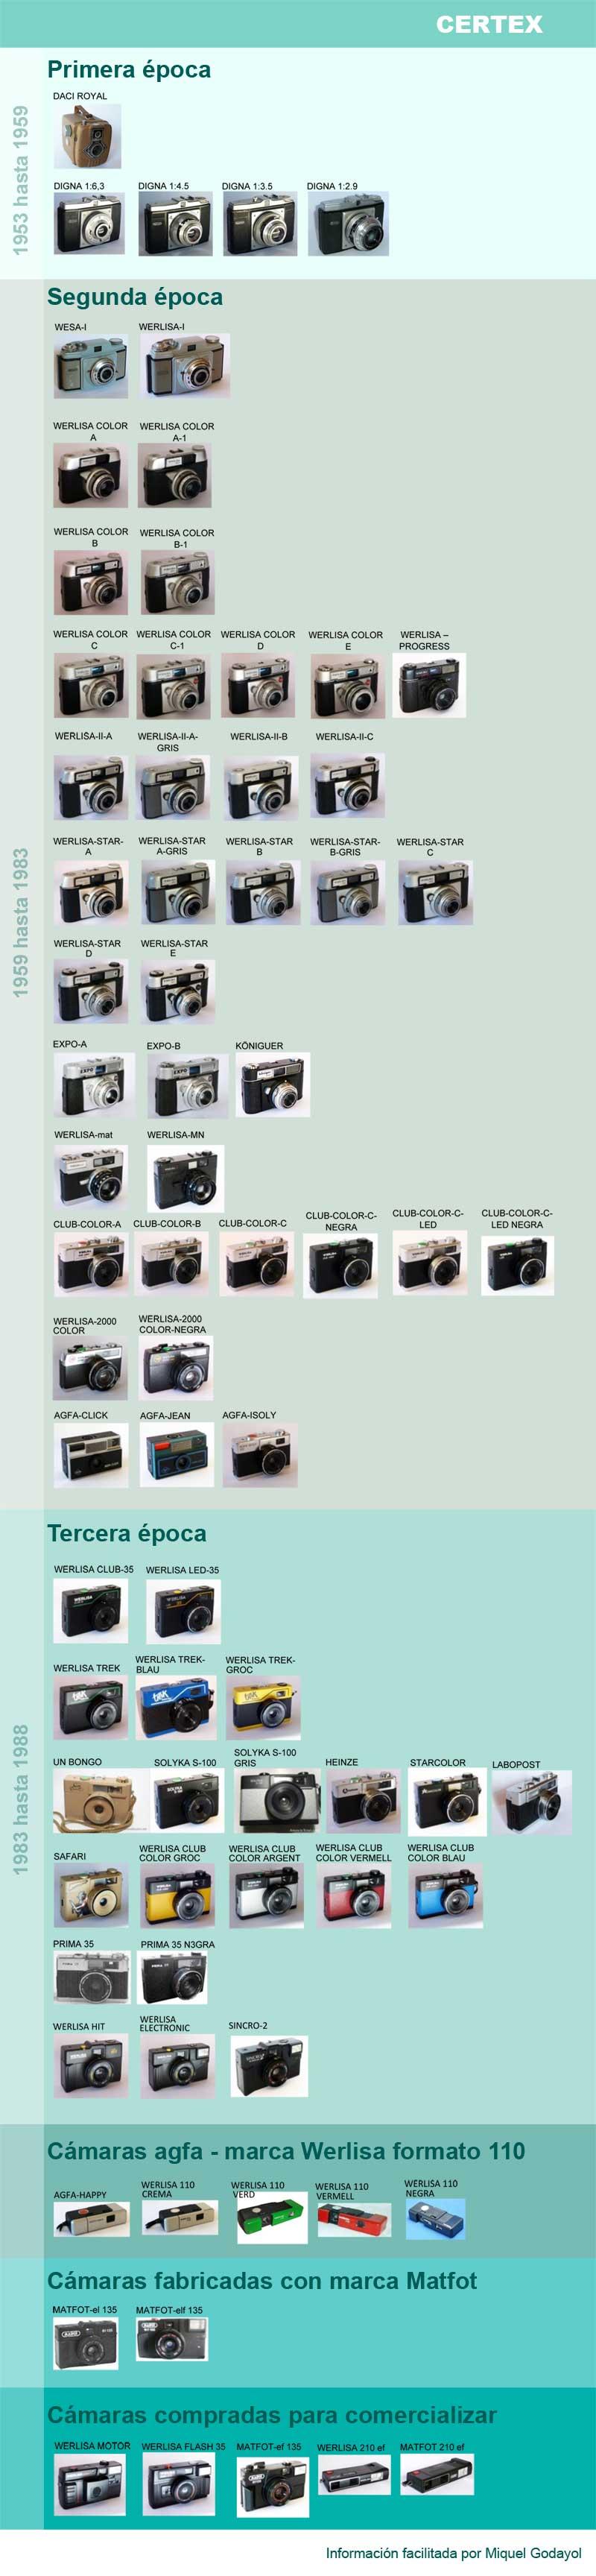 Listado de cámaras fotográficas Certex